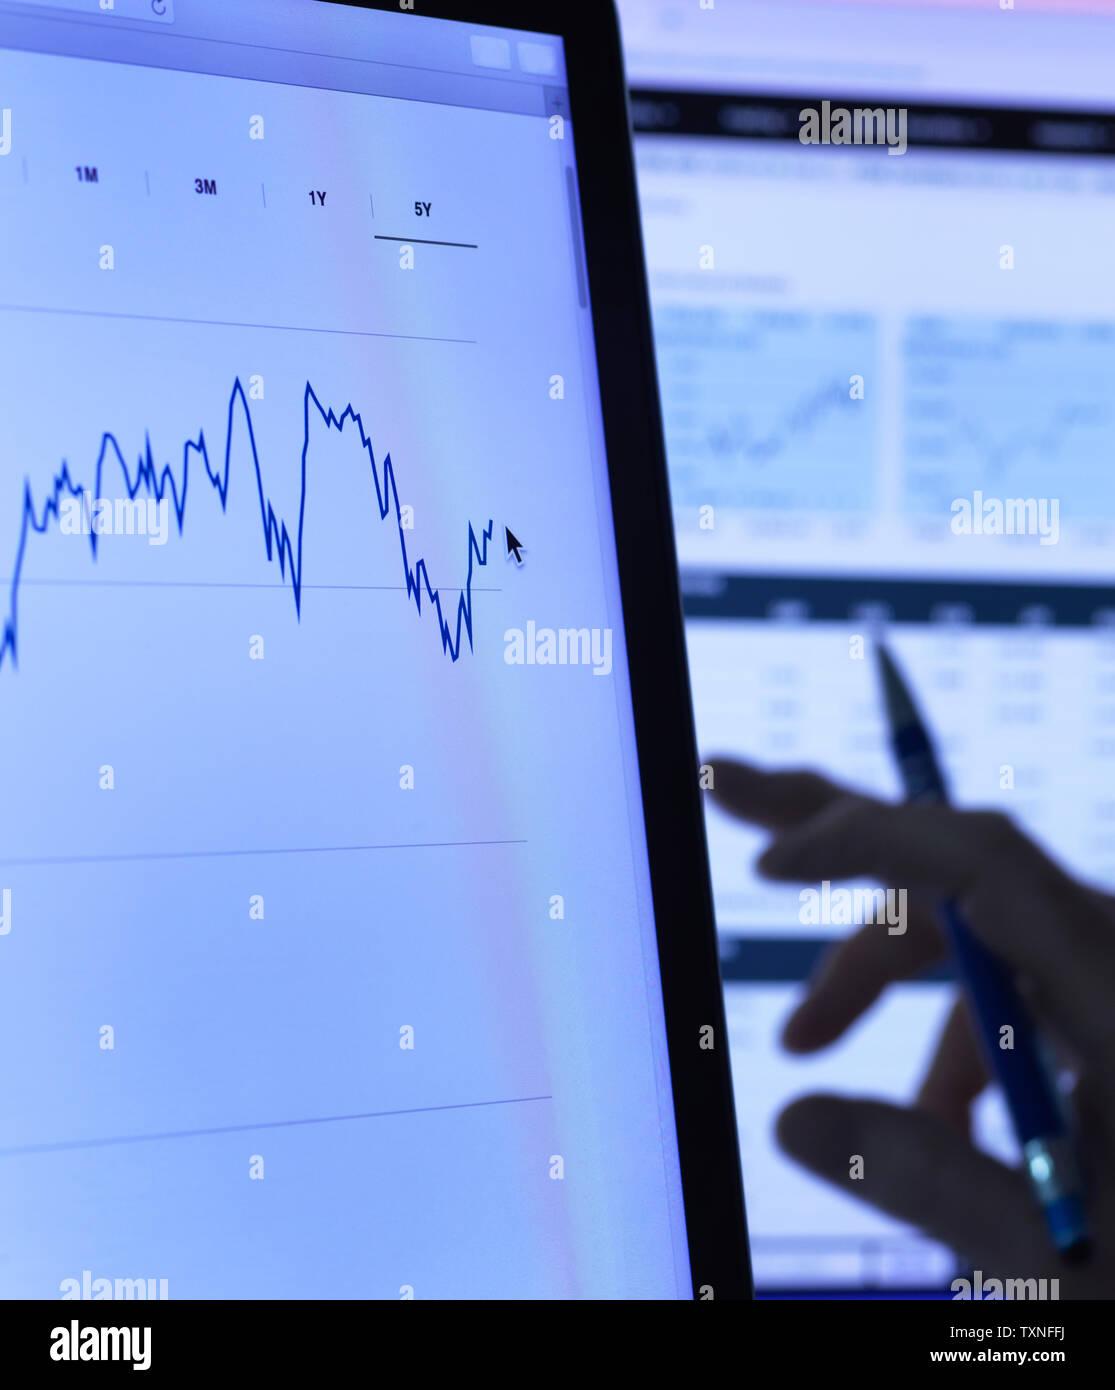 Finanzdienstleistungen, Lager der Analyst untersucht das Aktienkurs Daten eines Unternehmens auf dem Computer, in der Nähe Stockbild